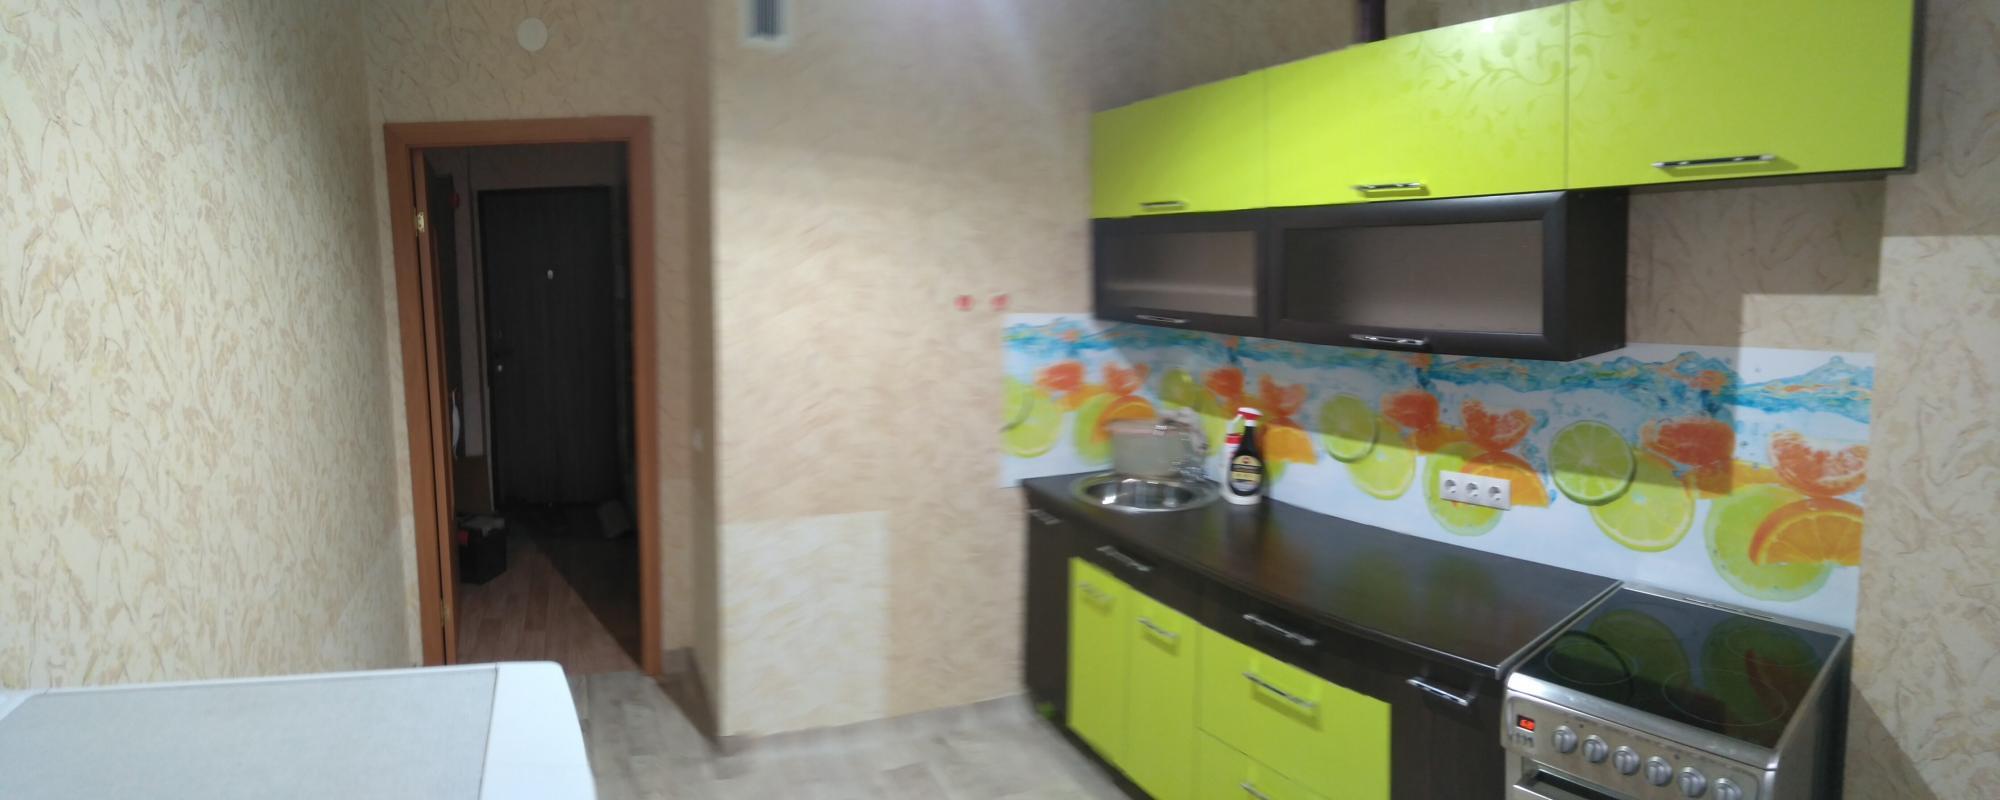 1к квартира Ключевская улица, 83   11000   аренда в Красноярске фото 2